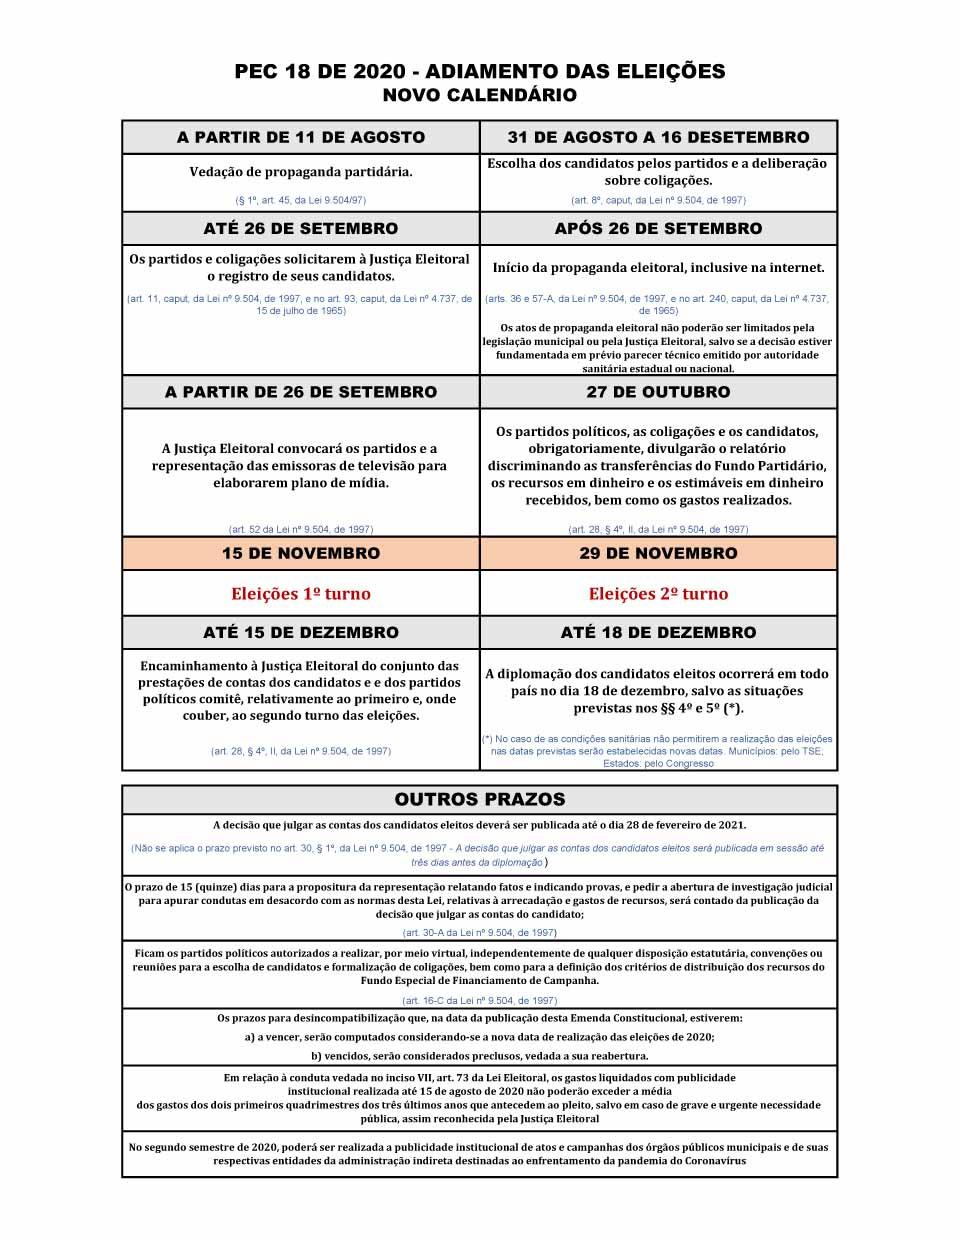 Expectativa em Rondônia é para o prazo de desincompatibilização, 4 de julho, para saber quem se afastará de a função pública para poder concorrer